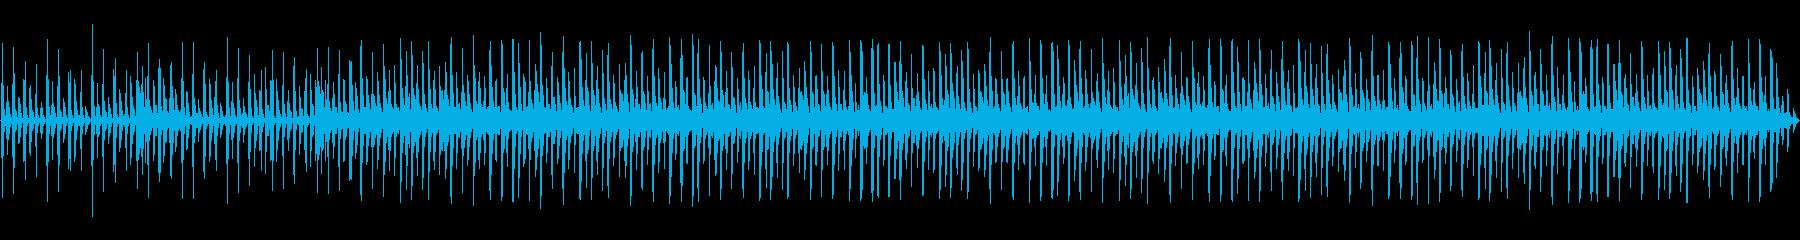 時計仕掛けの41秒。時計ギア音にきしむ音の再生済みの波形